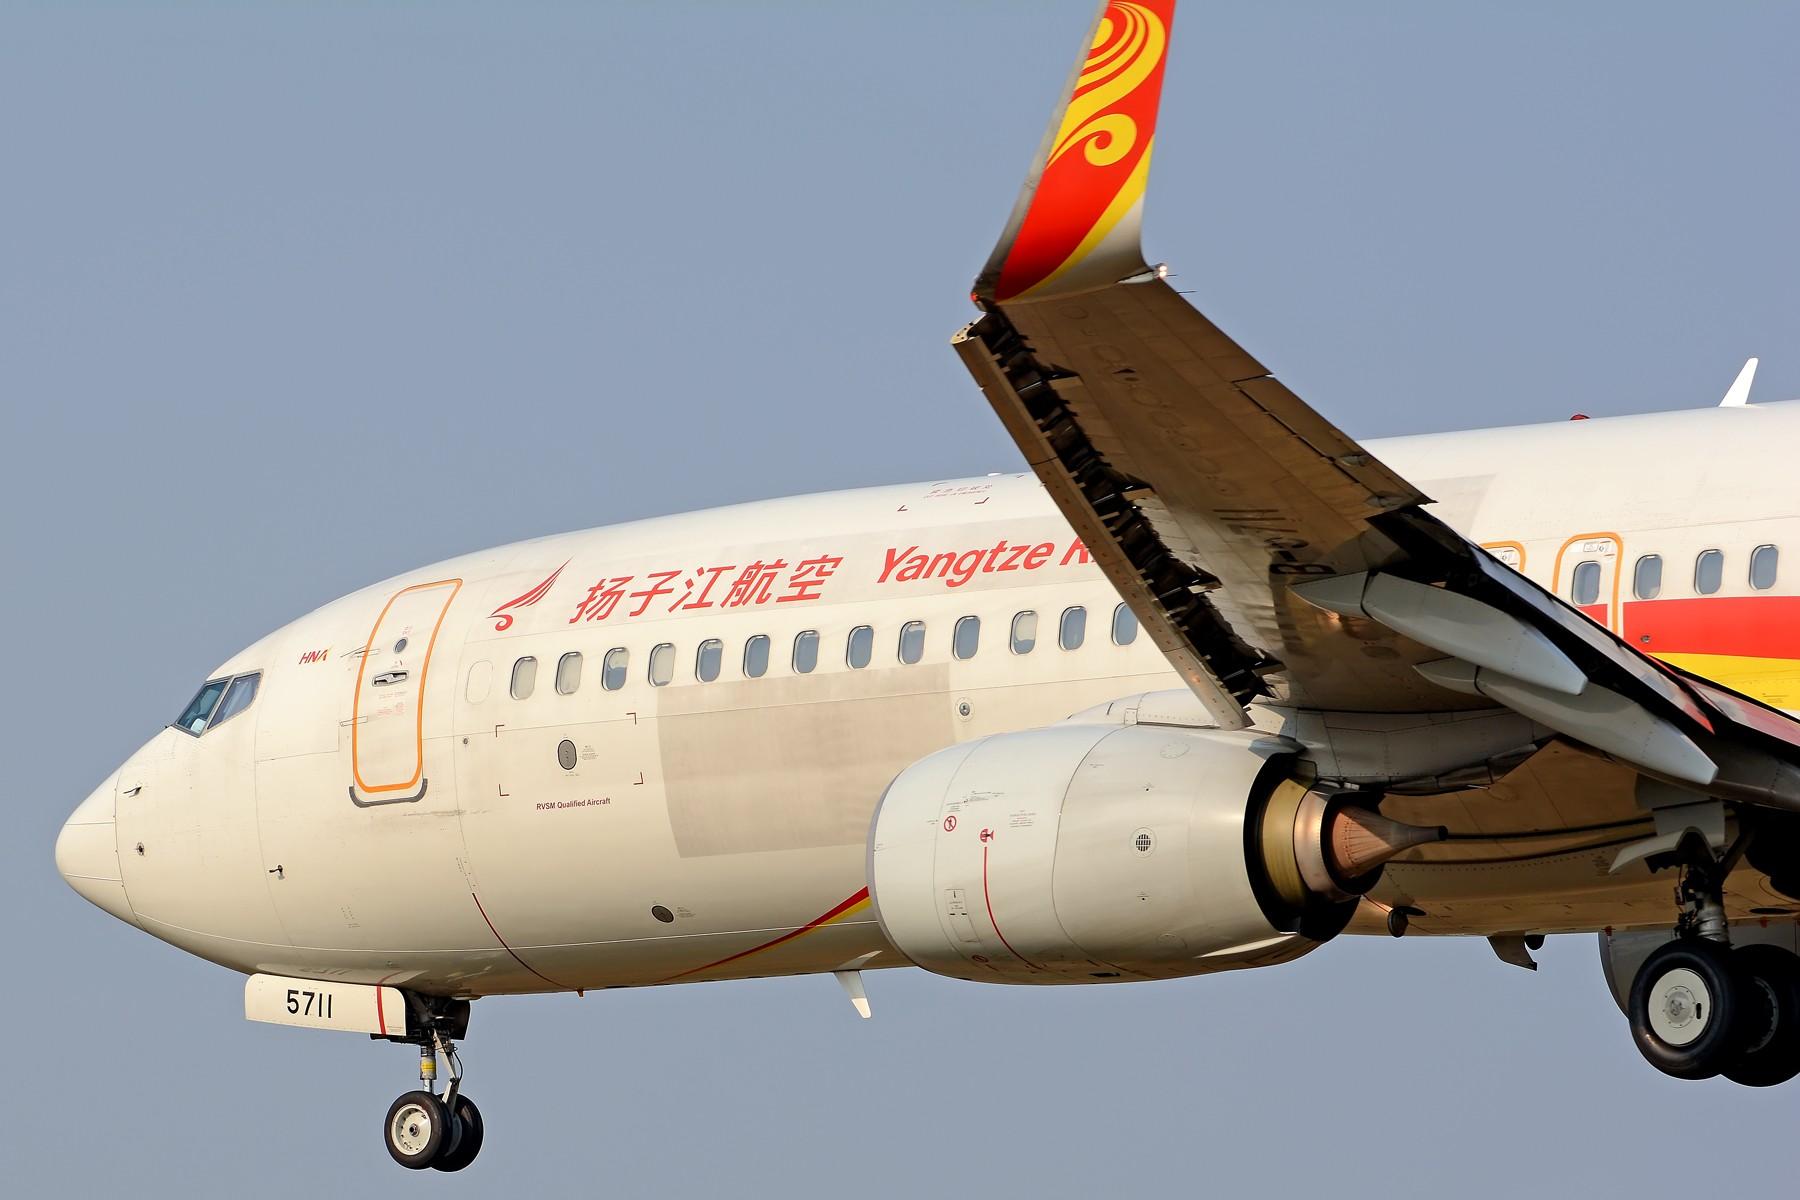 Re:[原创]【多图党】试镜200-500大头比较多 BOEING 737-800 B-5711 中国合肥新桥国际机场